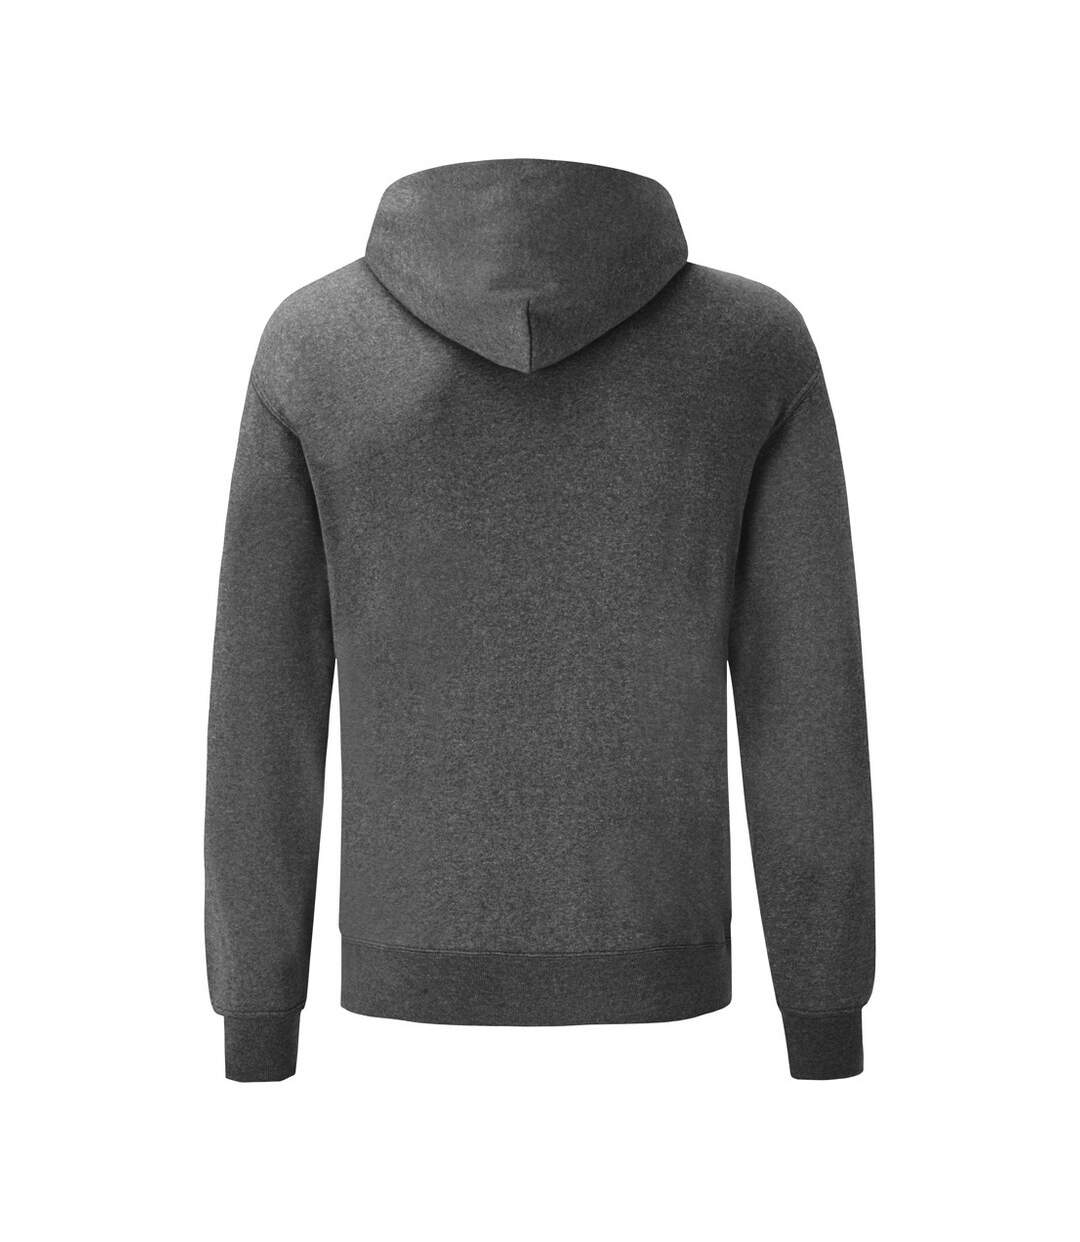 Fruit Of The Loom Mens Hooded Sweatshirt / Hoodie (Dark Heather) - UTBC366